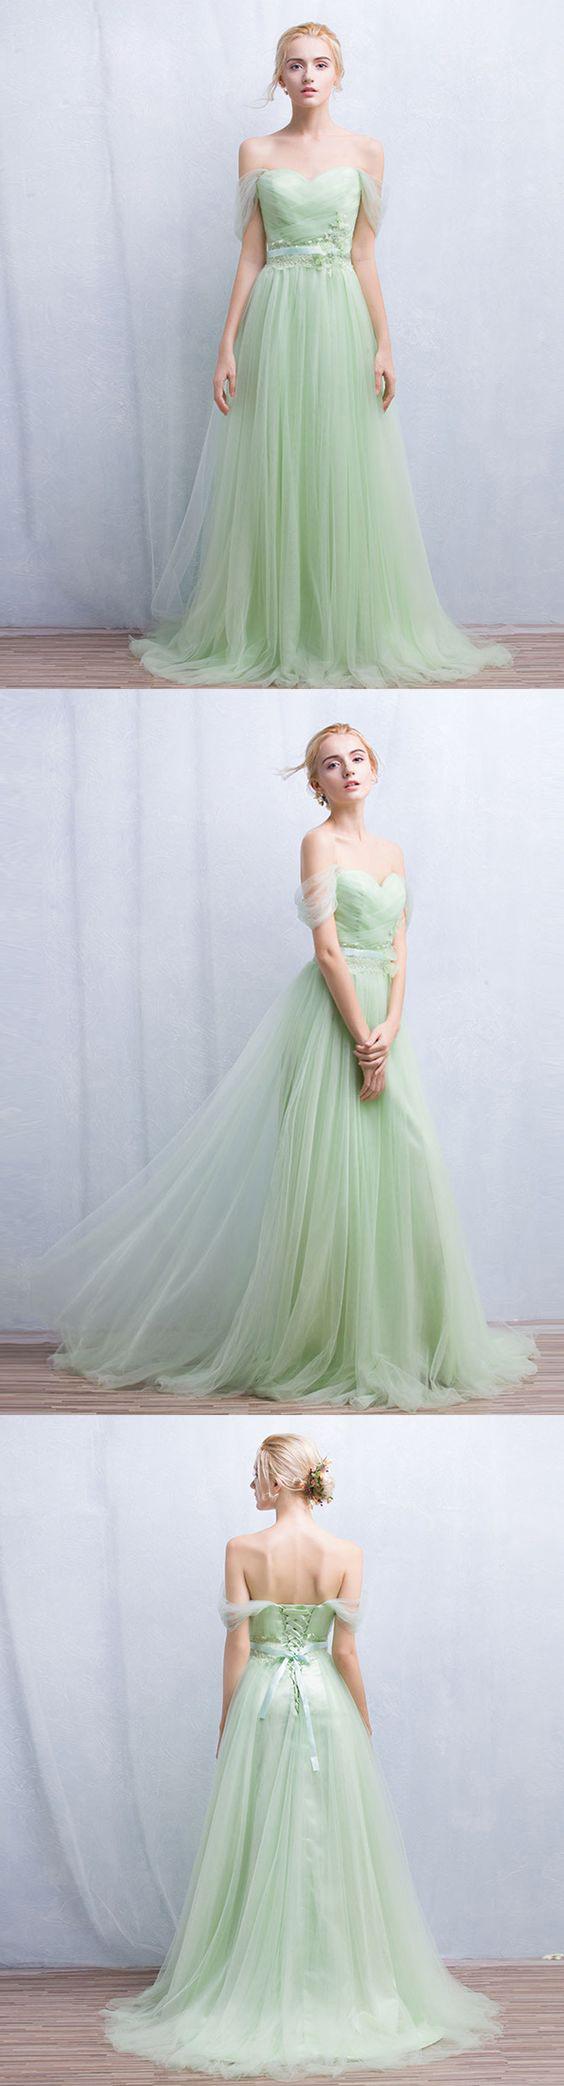 custom elegant green tulle prom dressoff the shoulder evening